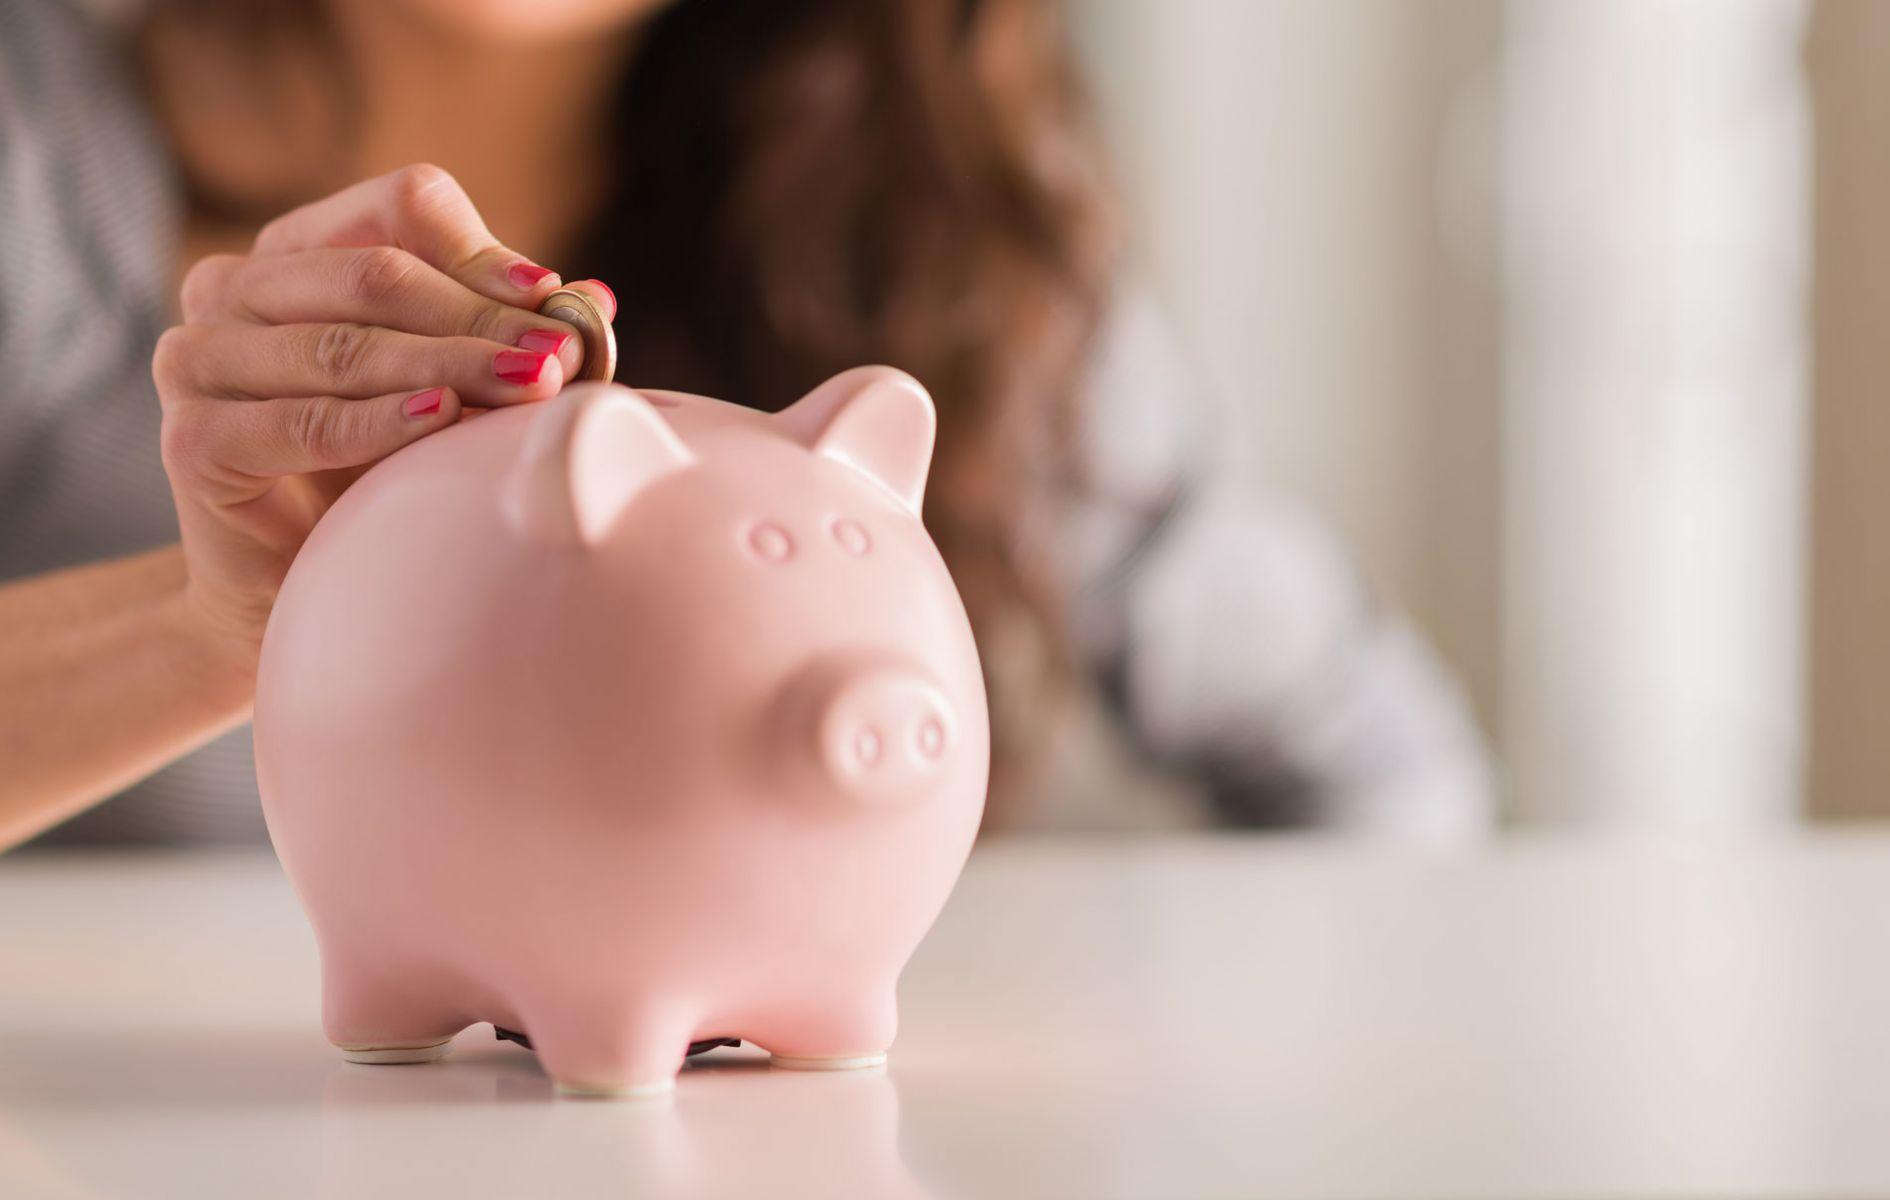 小時候父母教導錢要放撲滿或存銀行 其實是錯的